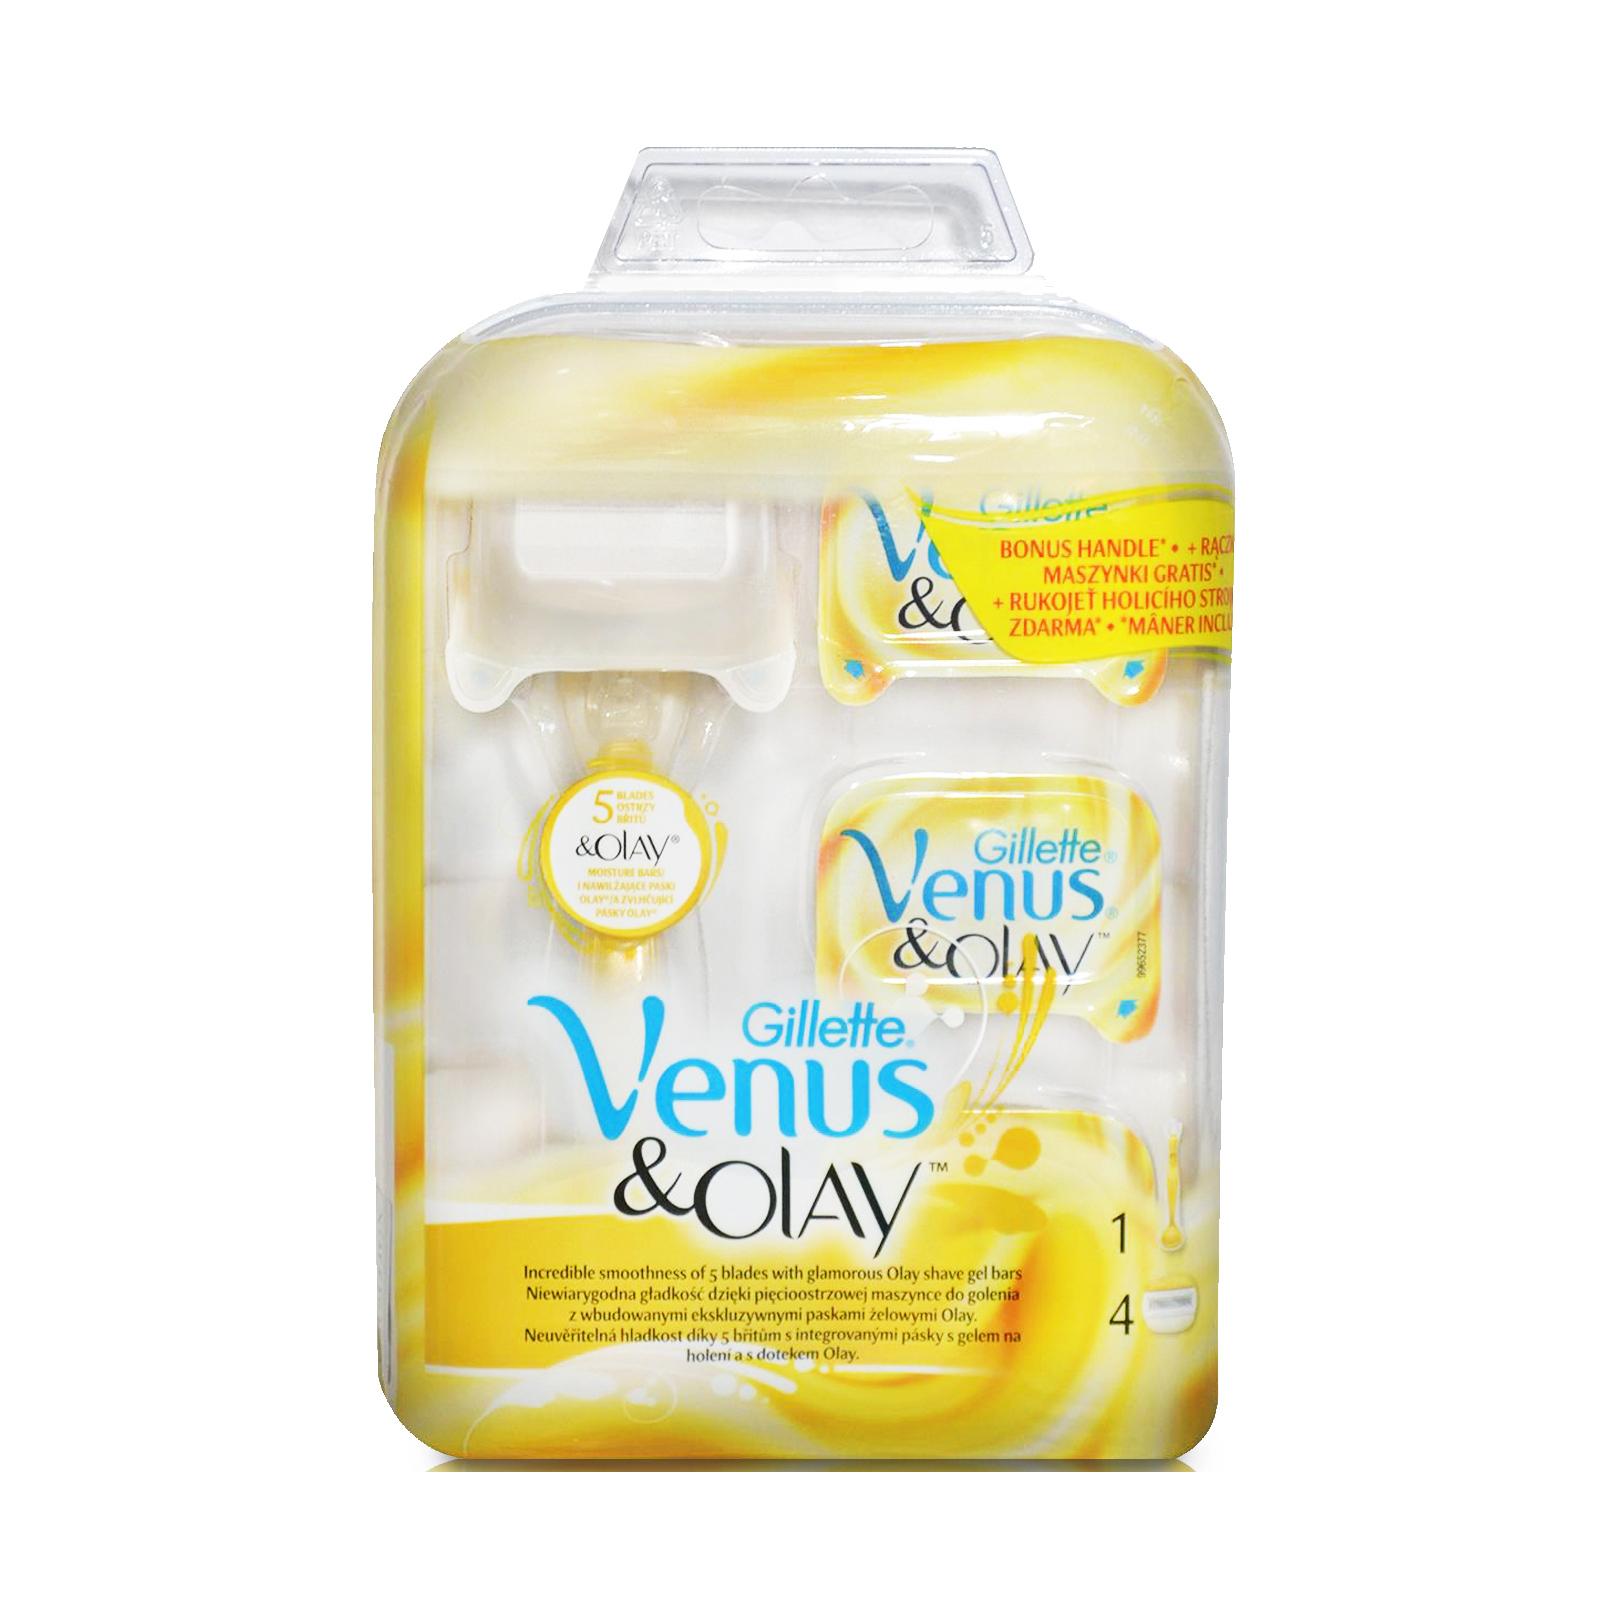 Набор для бритья Venus Бритва Venus&Olay c кассетой+сменные кассеты 3 шт (7702018330461)